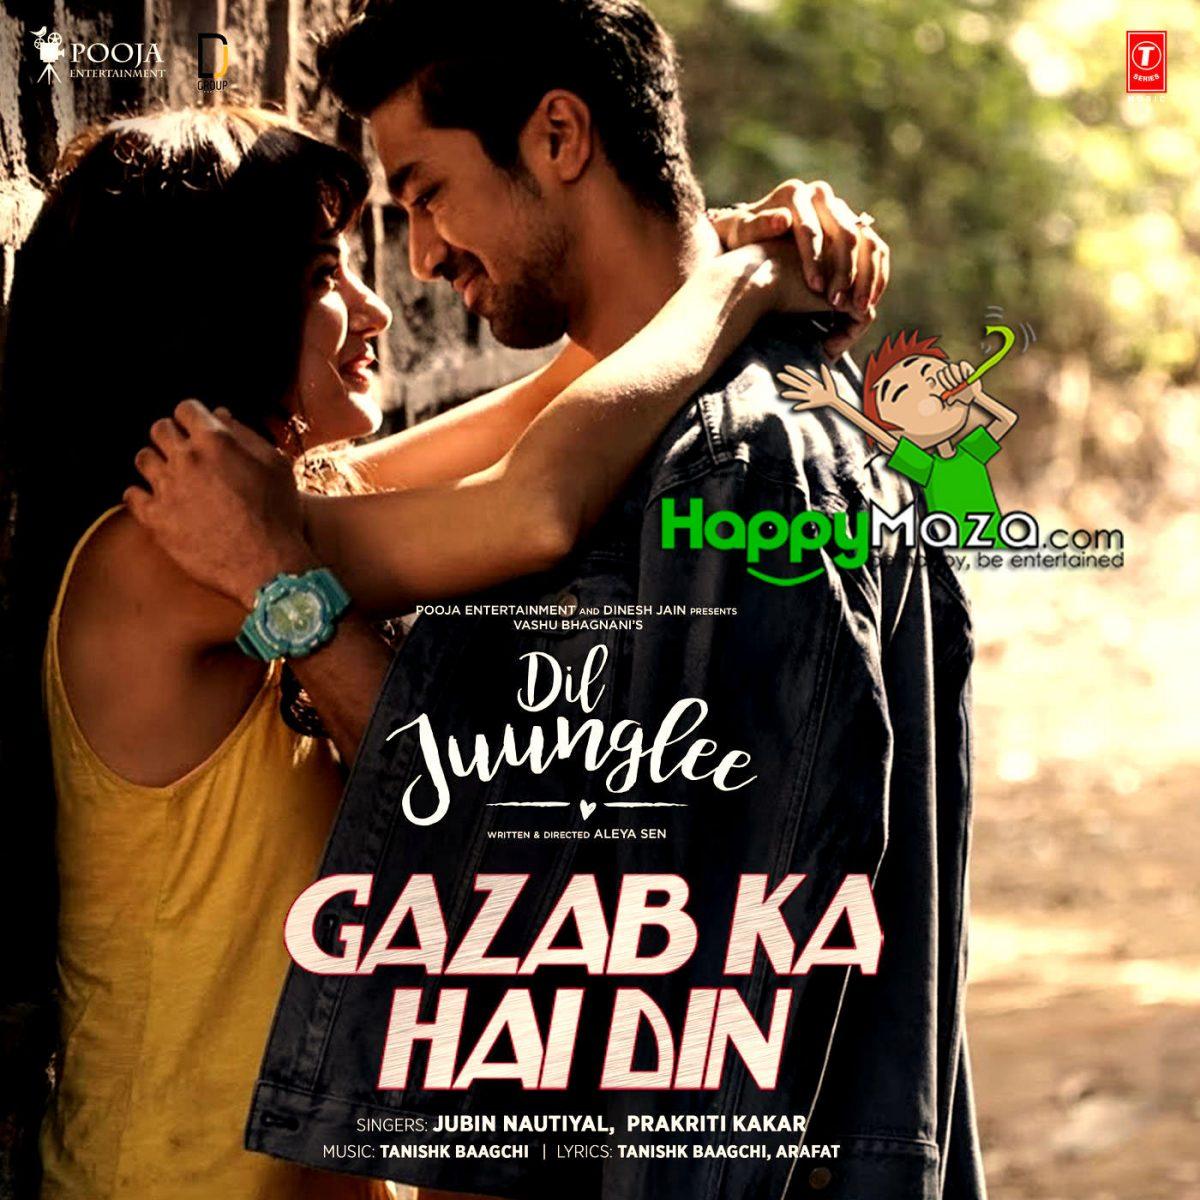 Gazab Ka Hai Din Lyrics – DIL JUUNGLEE – Jubin Nautiyal & Prakriti Kakar – 2018